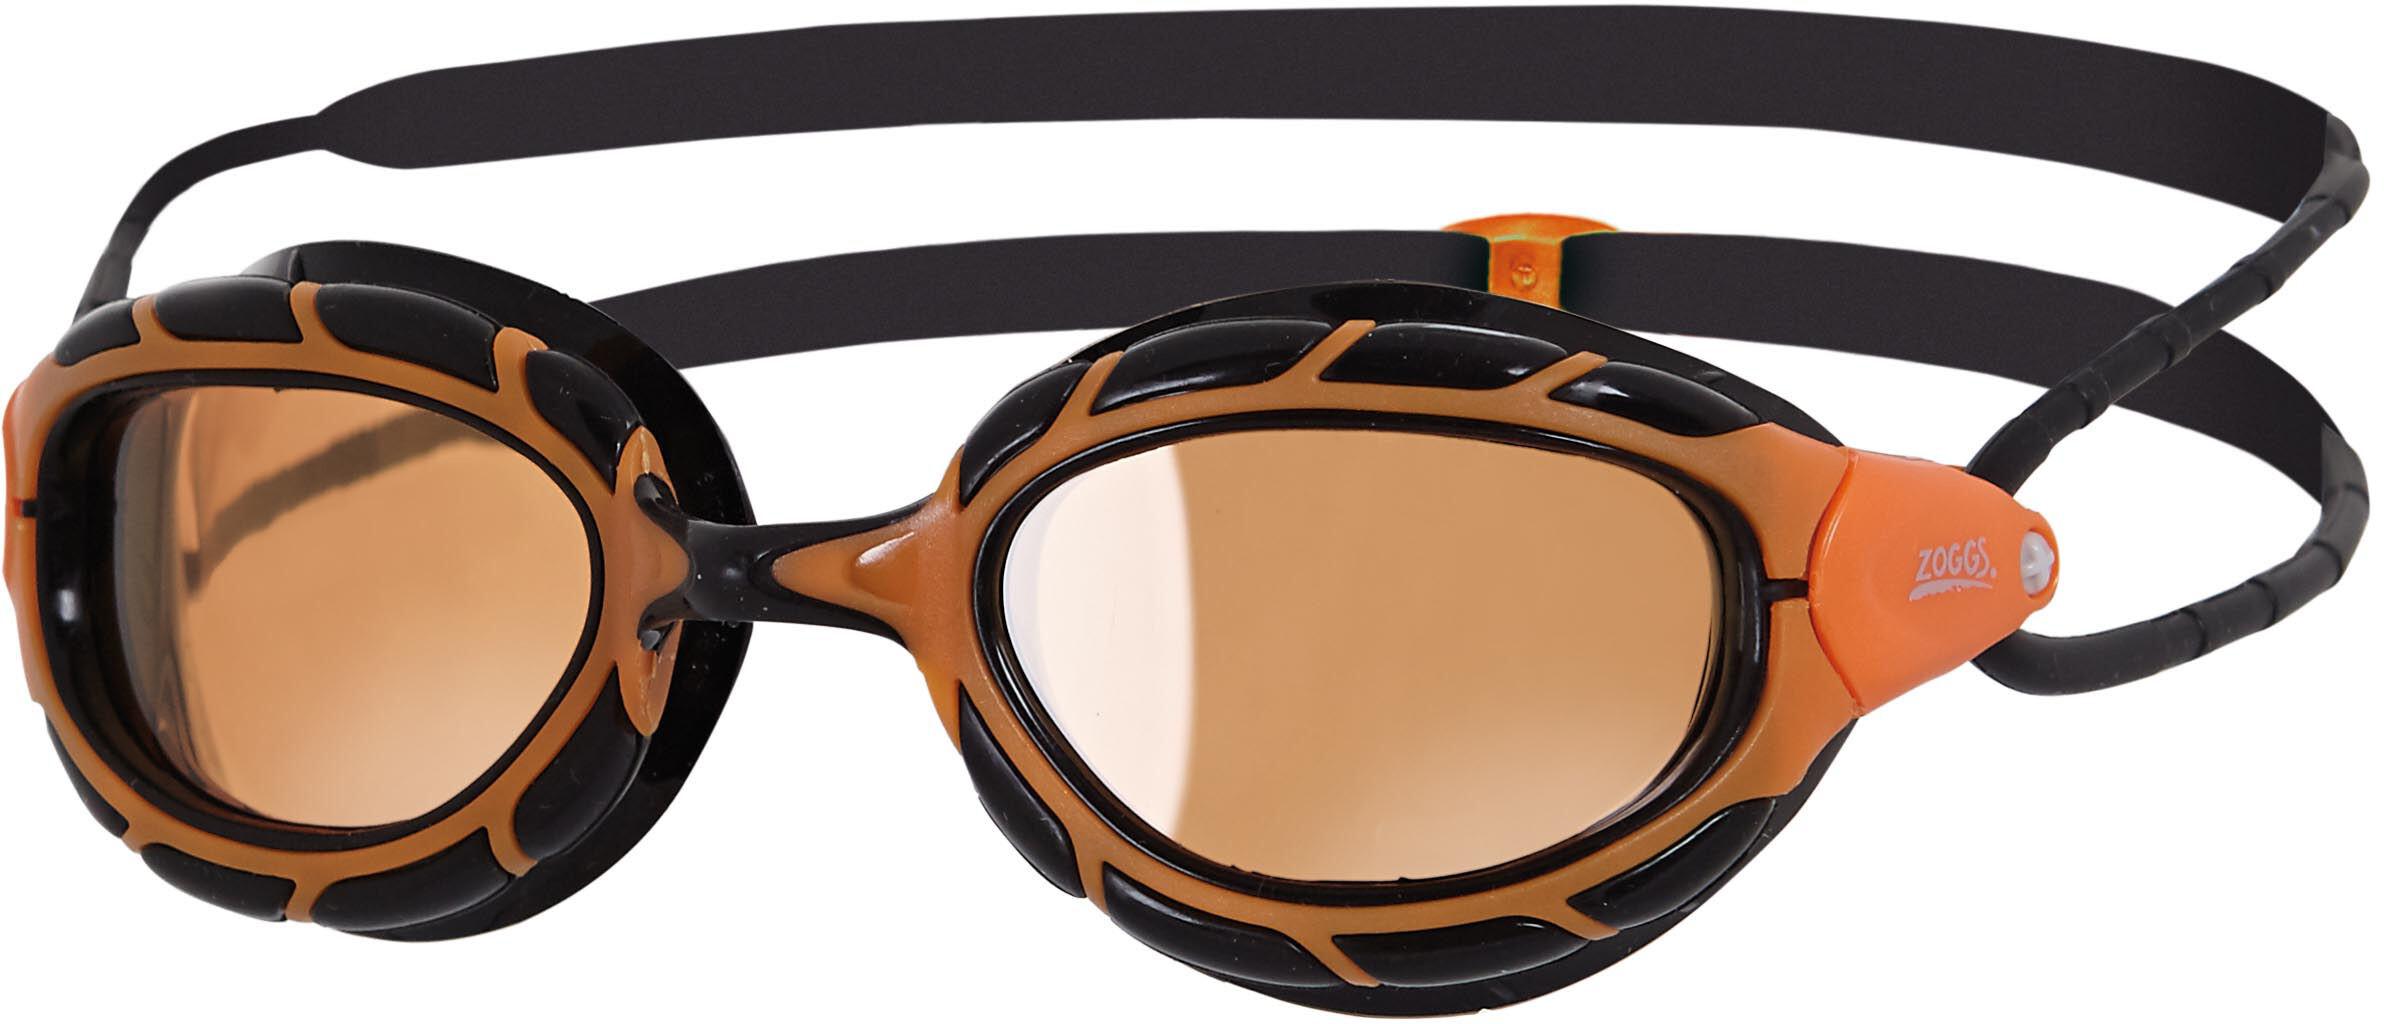 c9541187896d Zoggs Predator Polarized Ultra Occhialini arancione/nero su Bikester